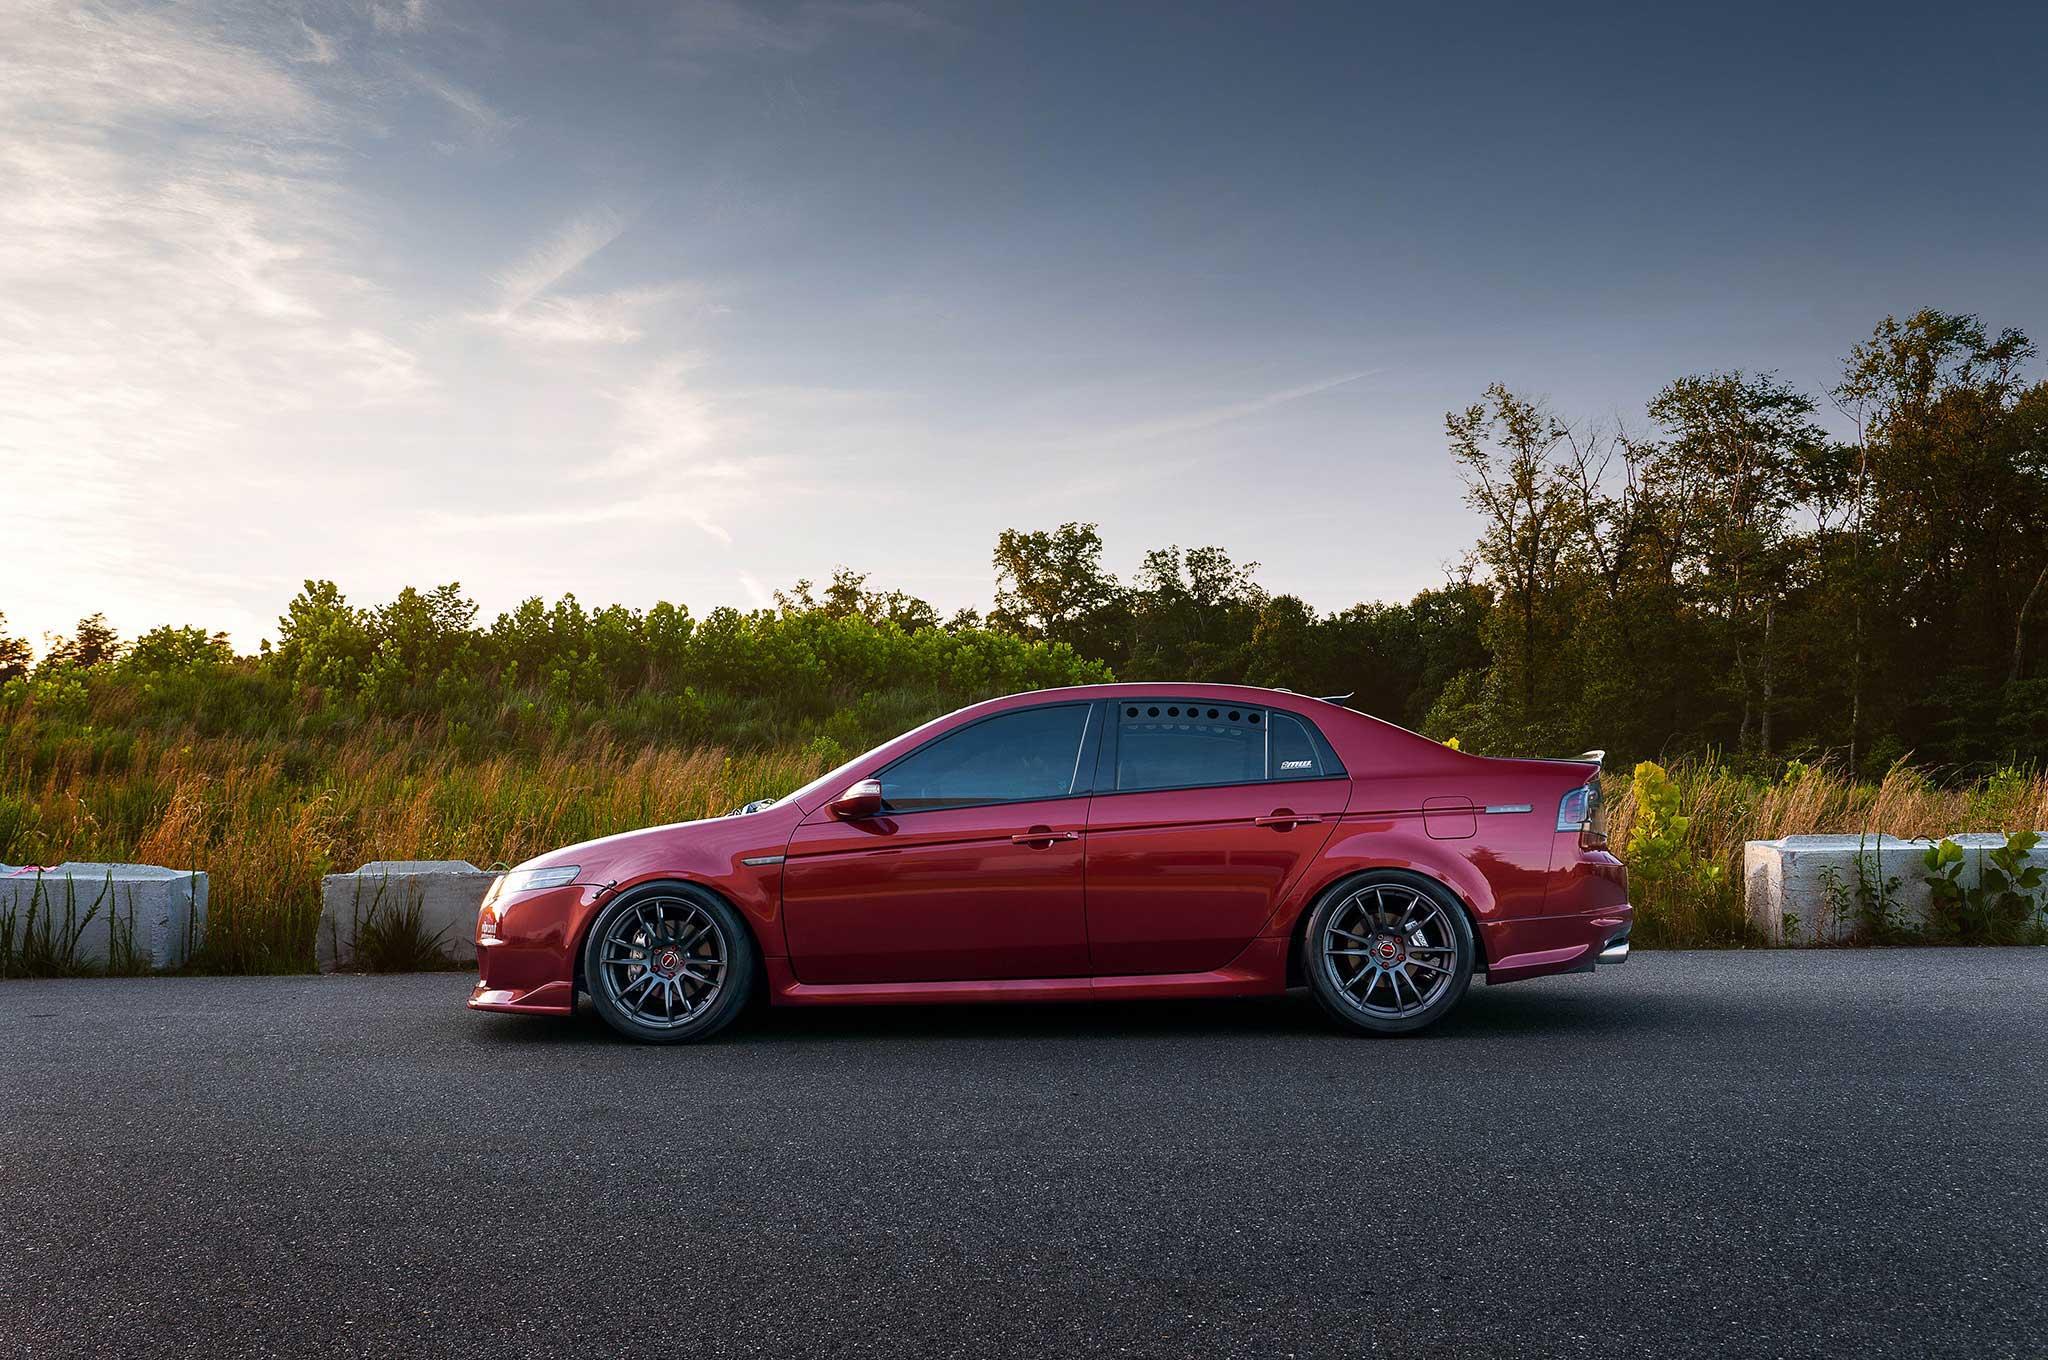 Fuel Pressure Regulator Jdm Adjustable Billet Gauge For Lexus Acura Infiniti